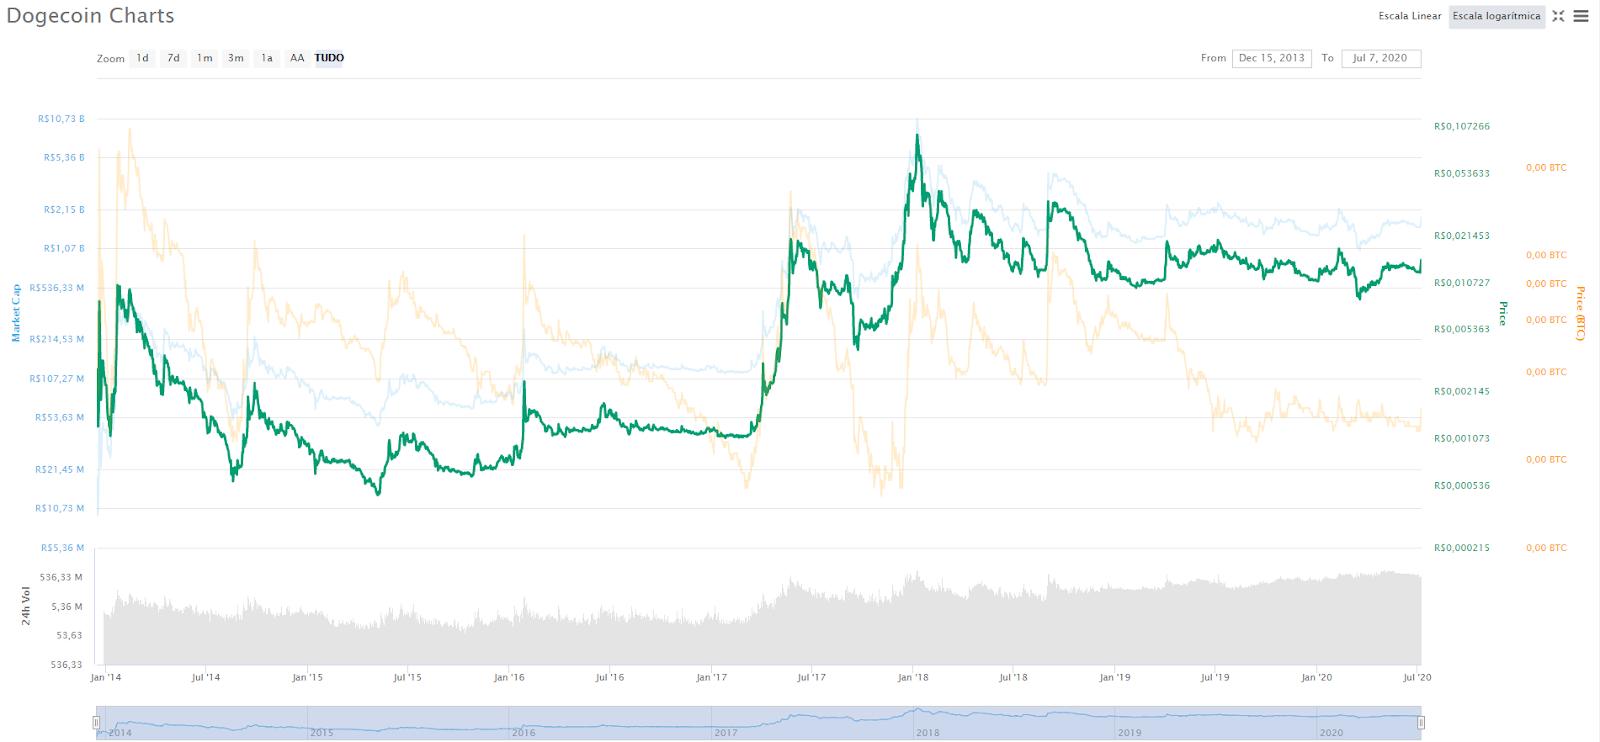 Preço do Dogecoin CoinMarketCap